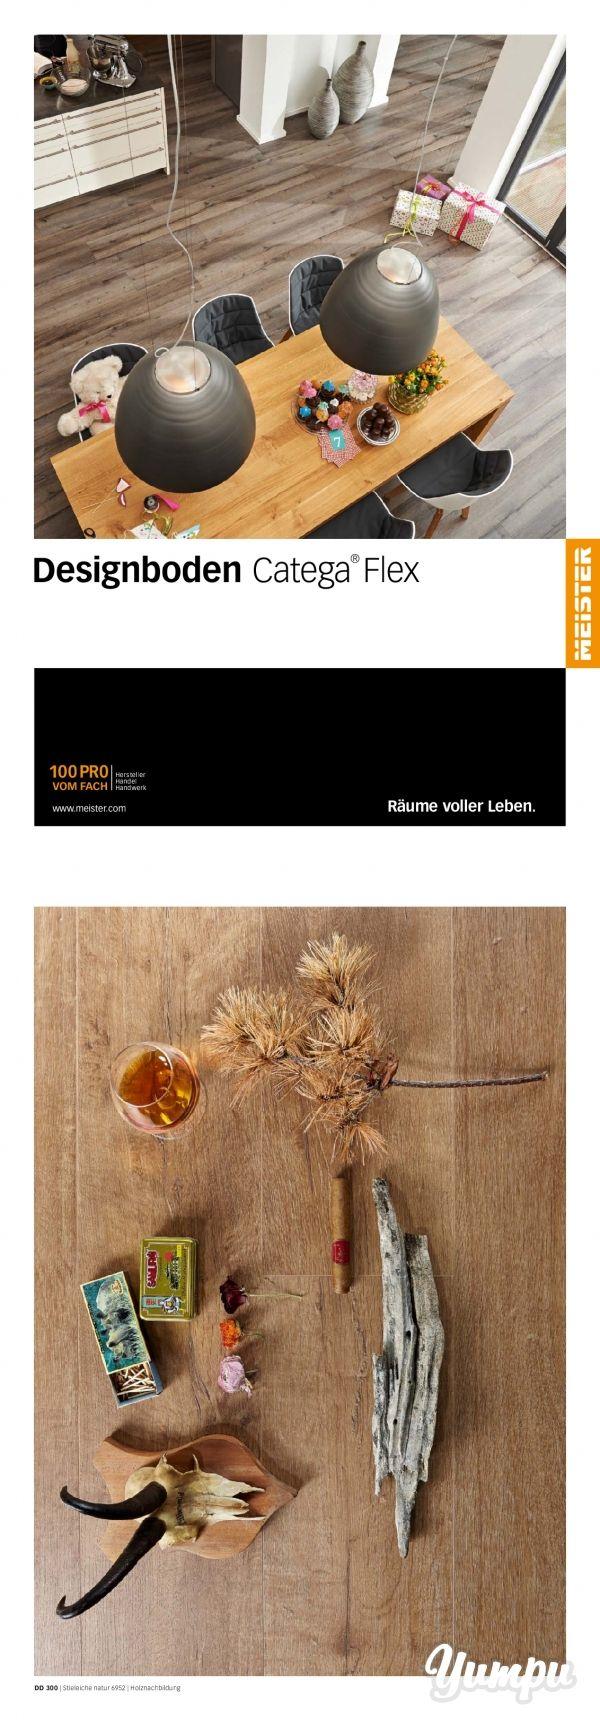 Designboden Catega Flex -  In diesem Prospekt erfahren Sie alle Details zu den Designböden Catega flex der Firma Meister.